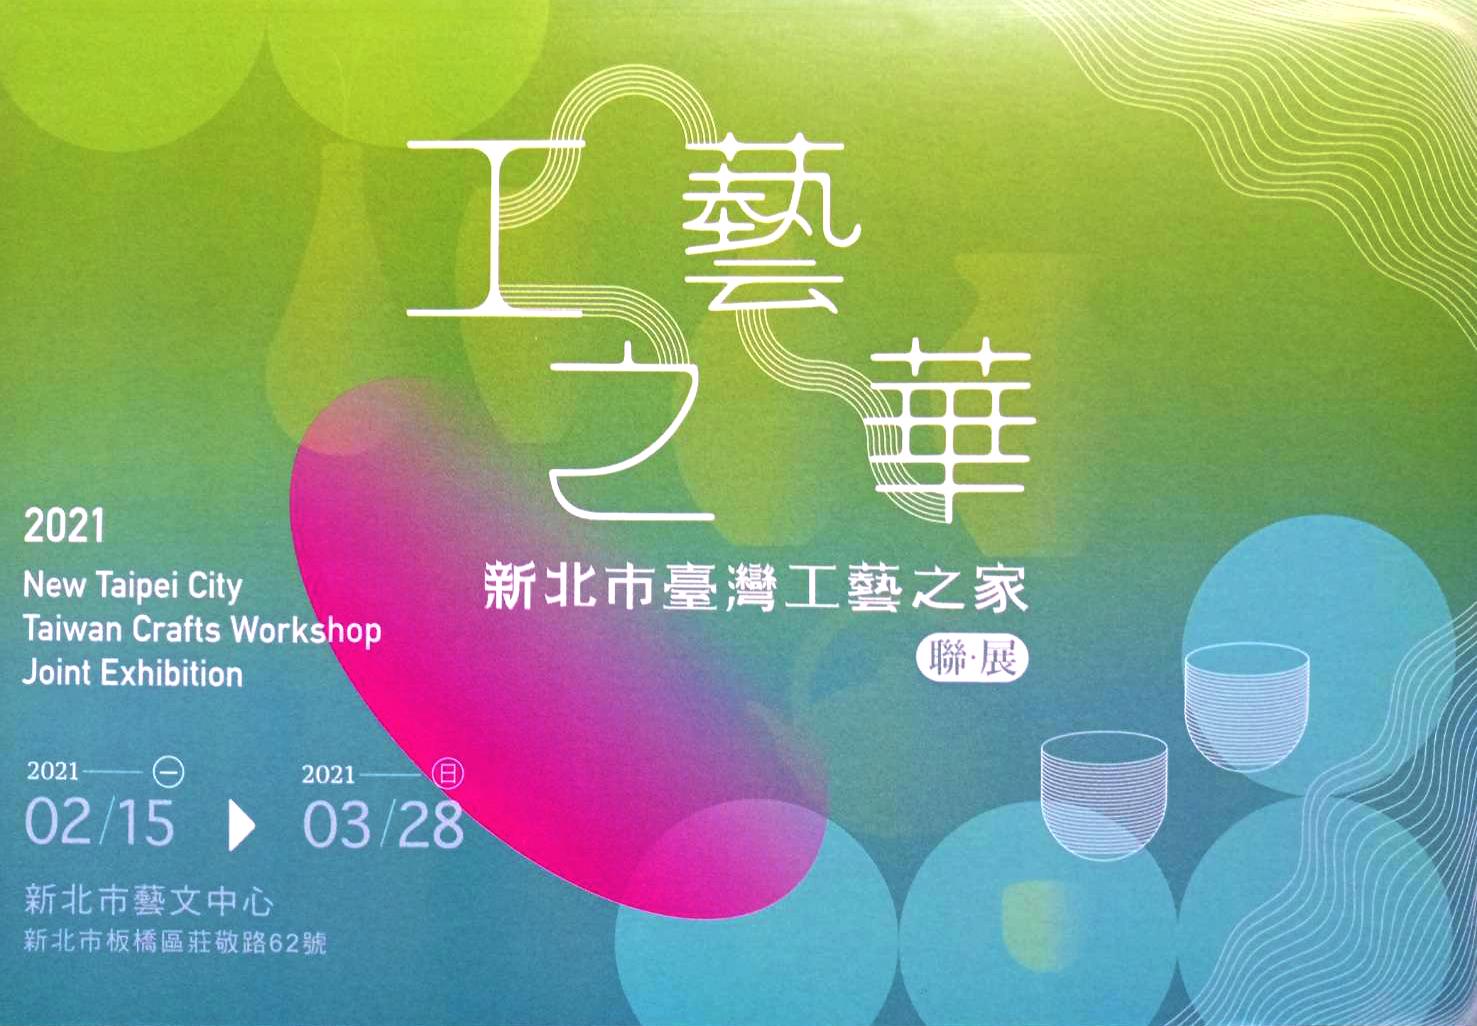 「工藝之華」-新北市台灣工藝之家聯展